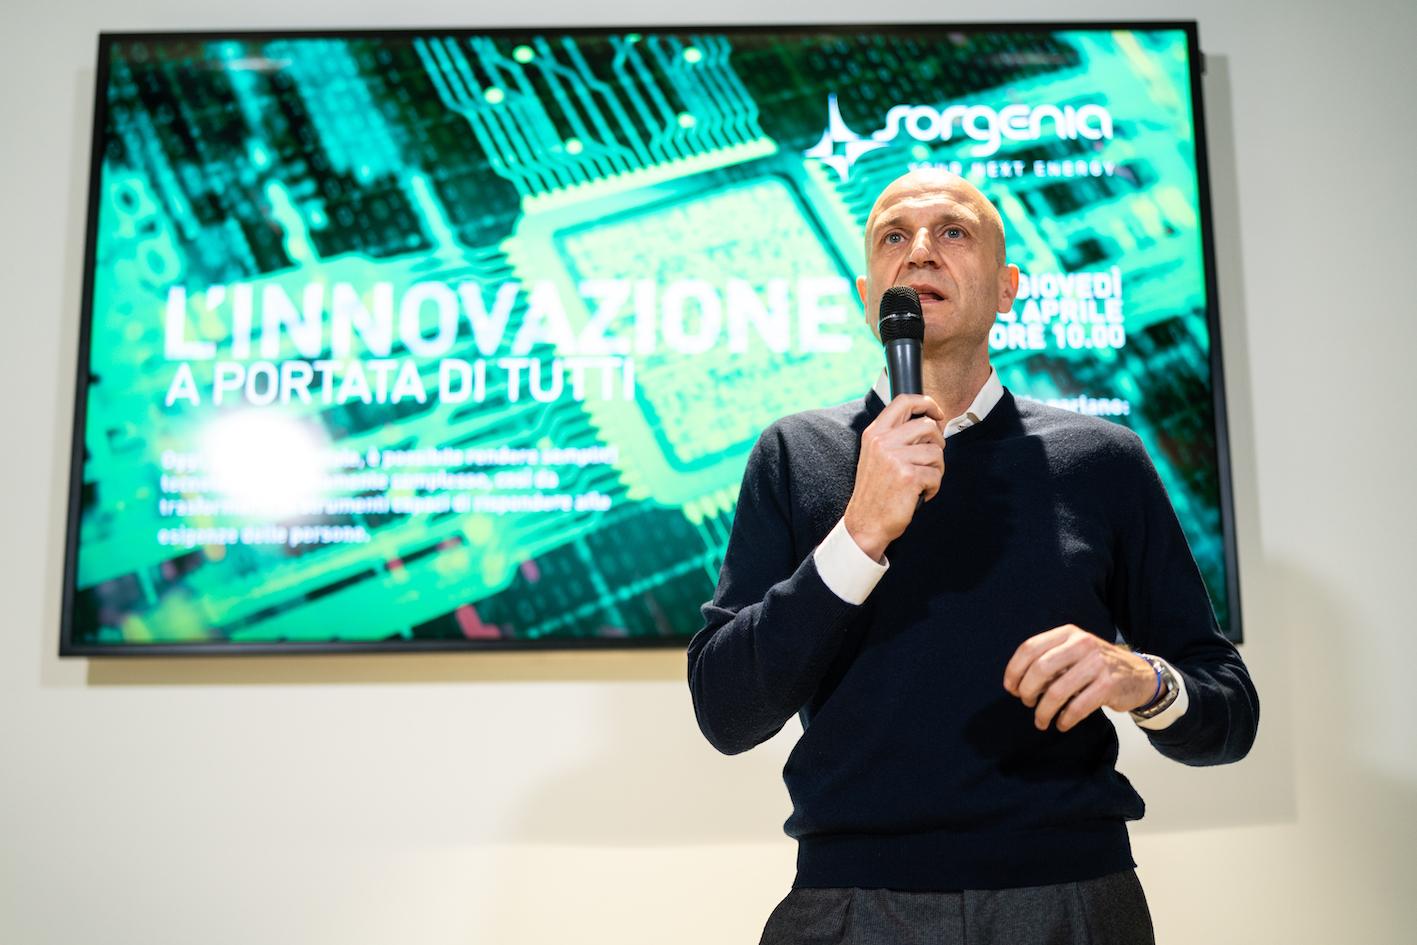 """Massimo Banzi oggi in Sorgenia per parlare di """"innovazione alla portata di tutti""""."""